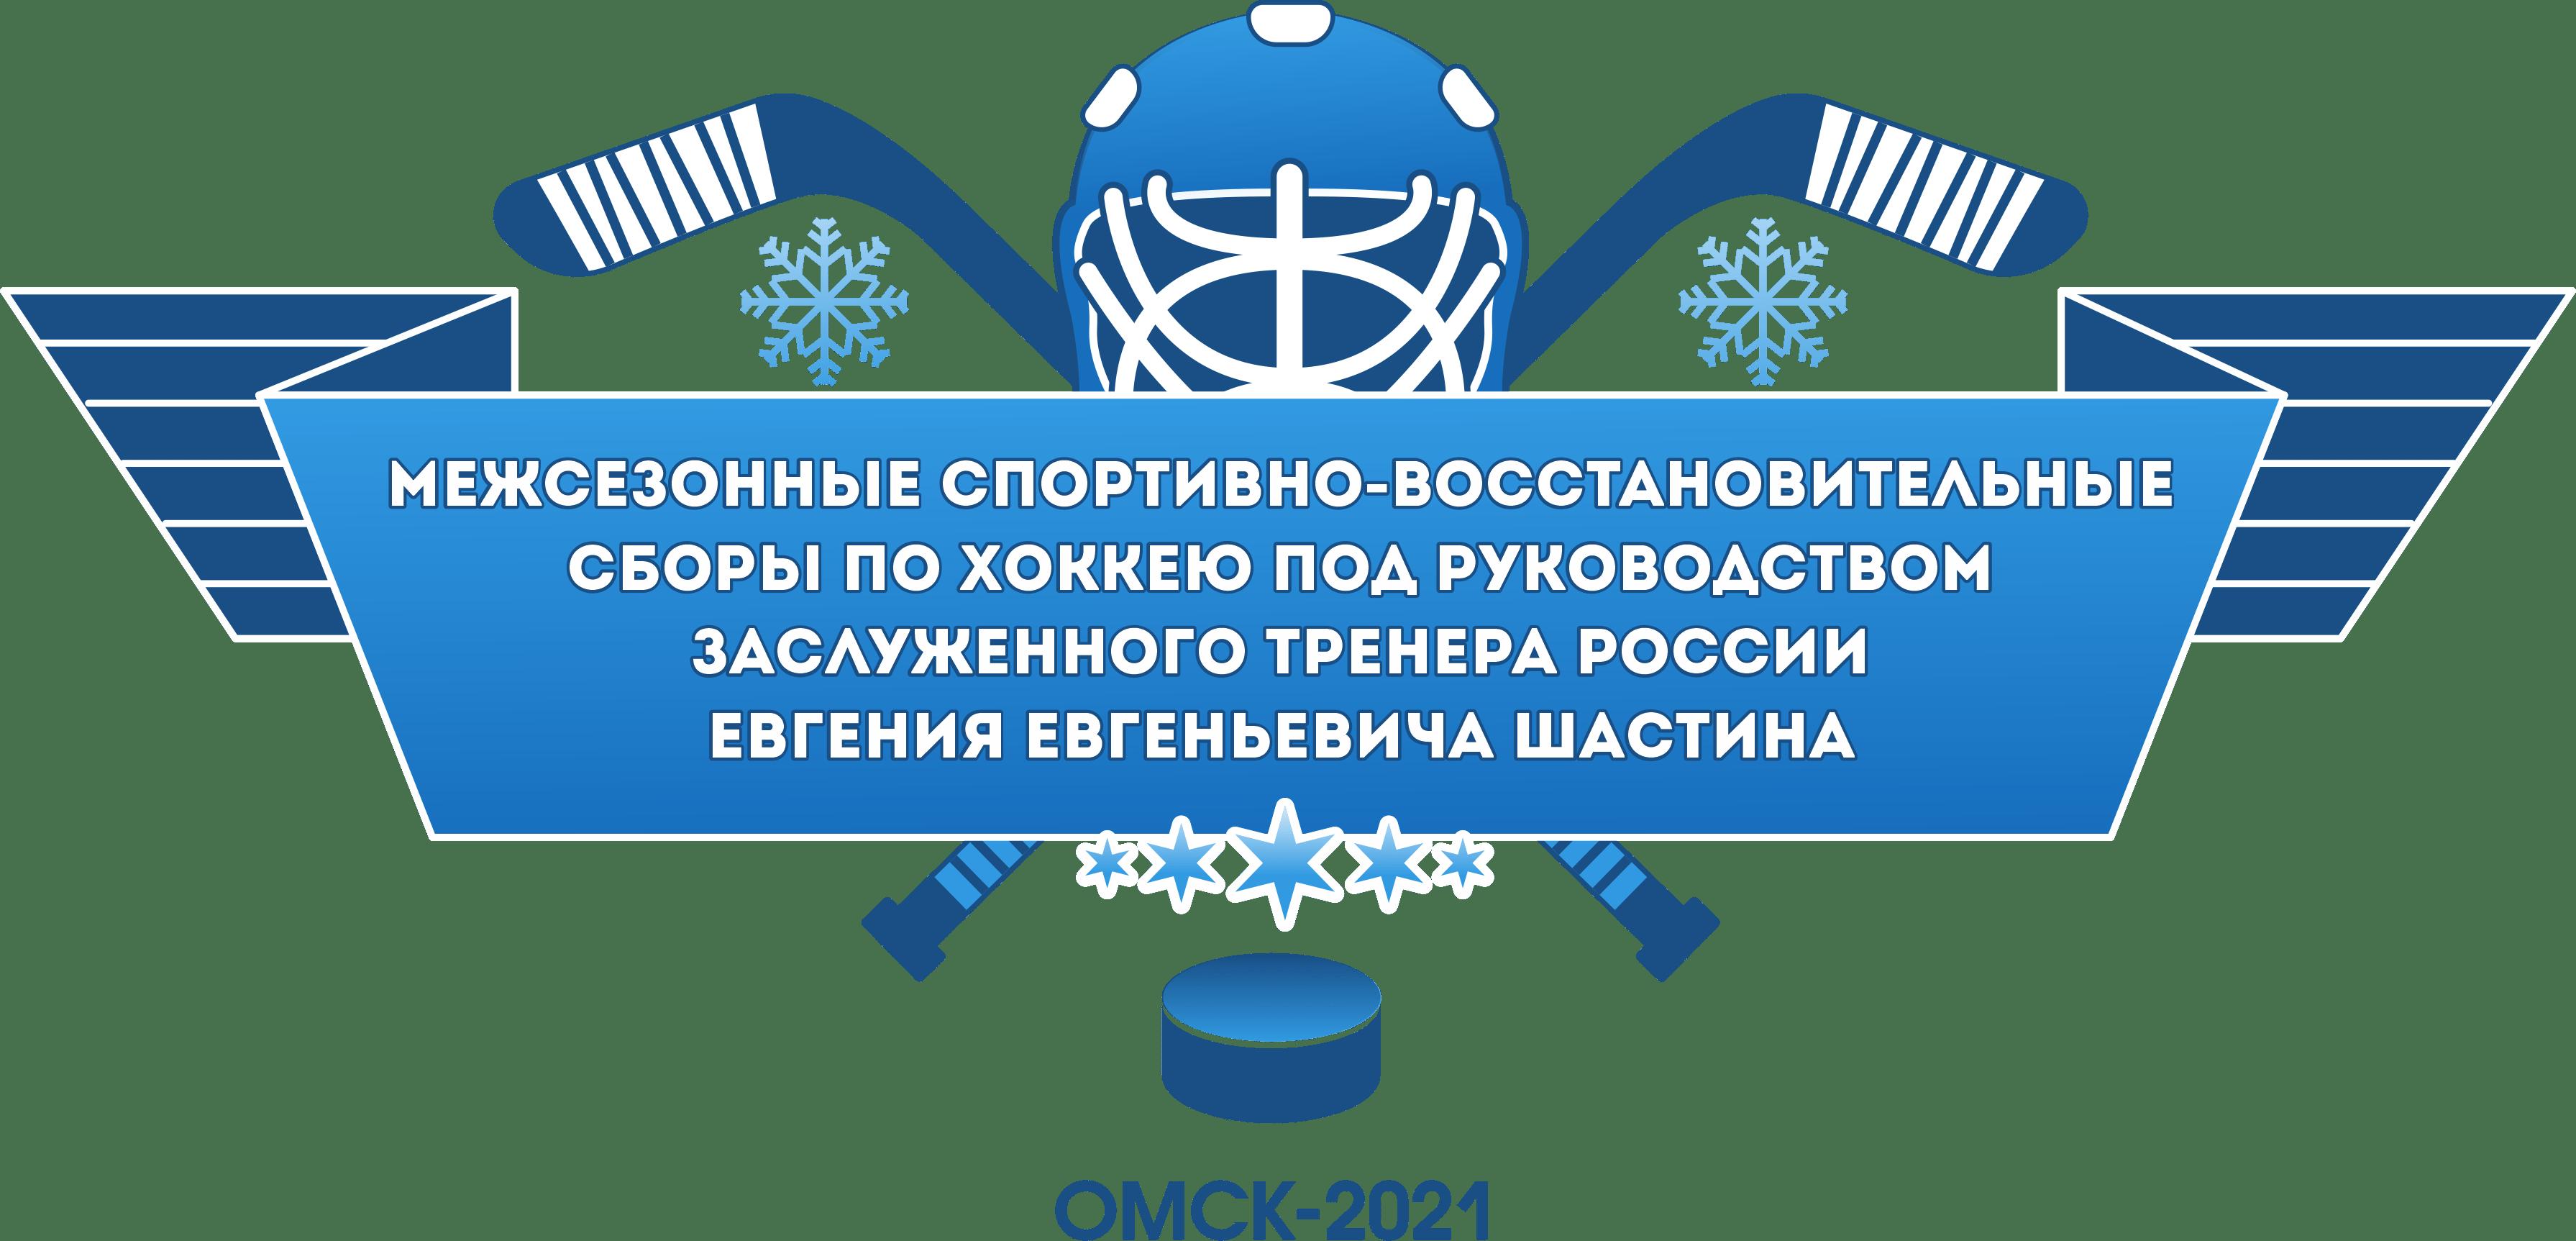 Межсезонные спортивно-восстановительные сборы по хоккею под руководством ЗТР Е.Е.Шастина-2021